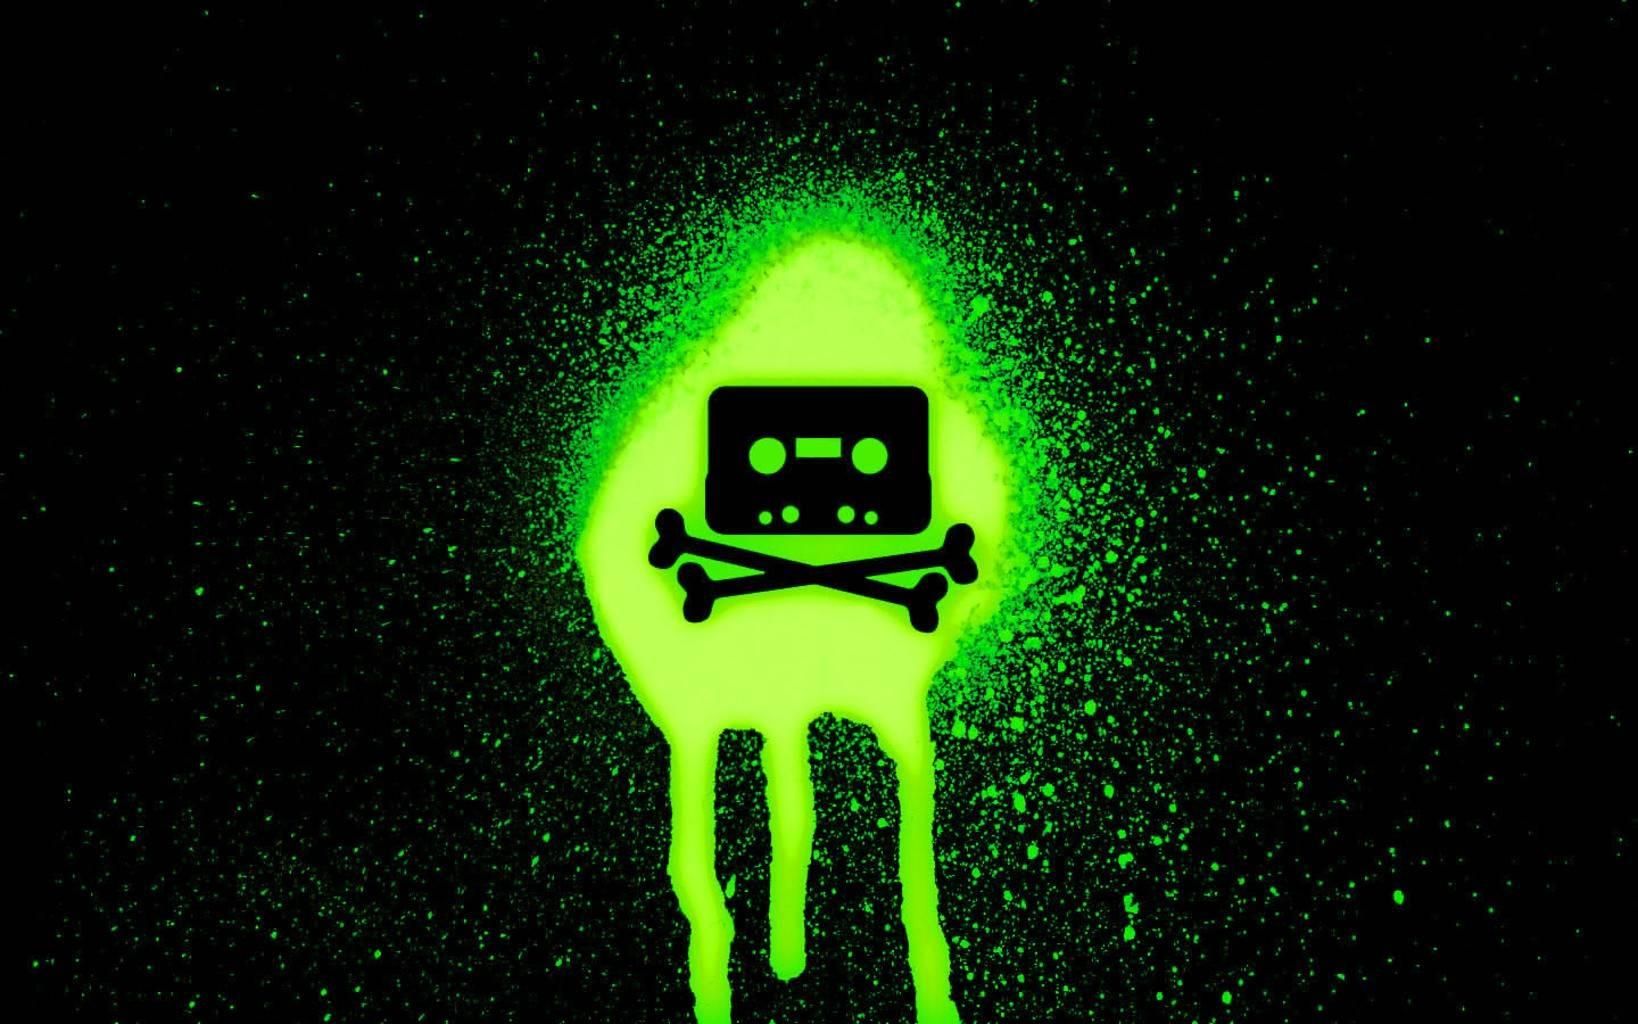 Green Skulls 16382151024 Wallpaper 2200621 1638x1024